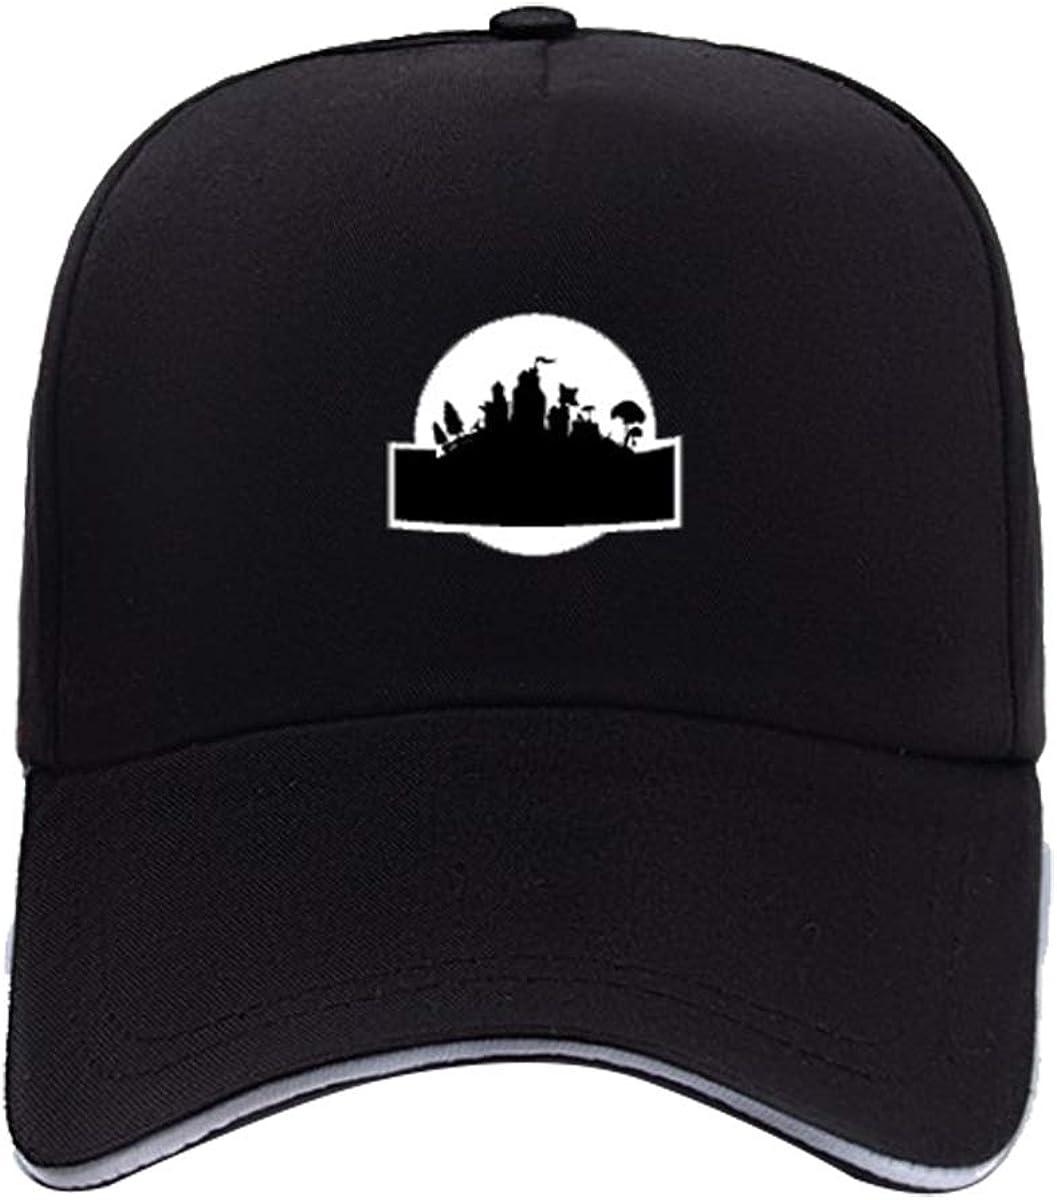 Amazon.com: Battle Royale Game Unisex Baseball Cap Peaked ...